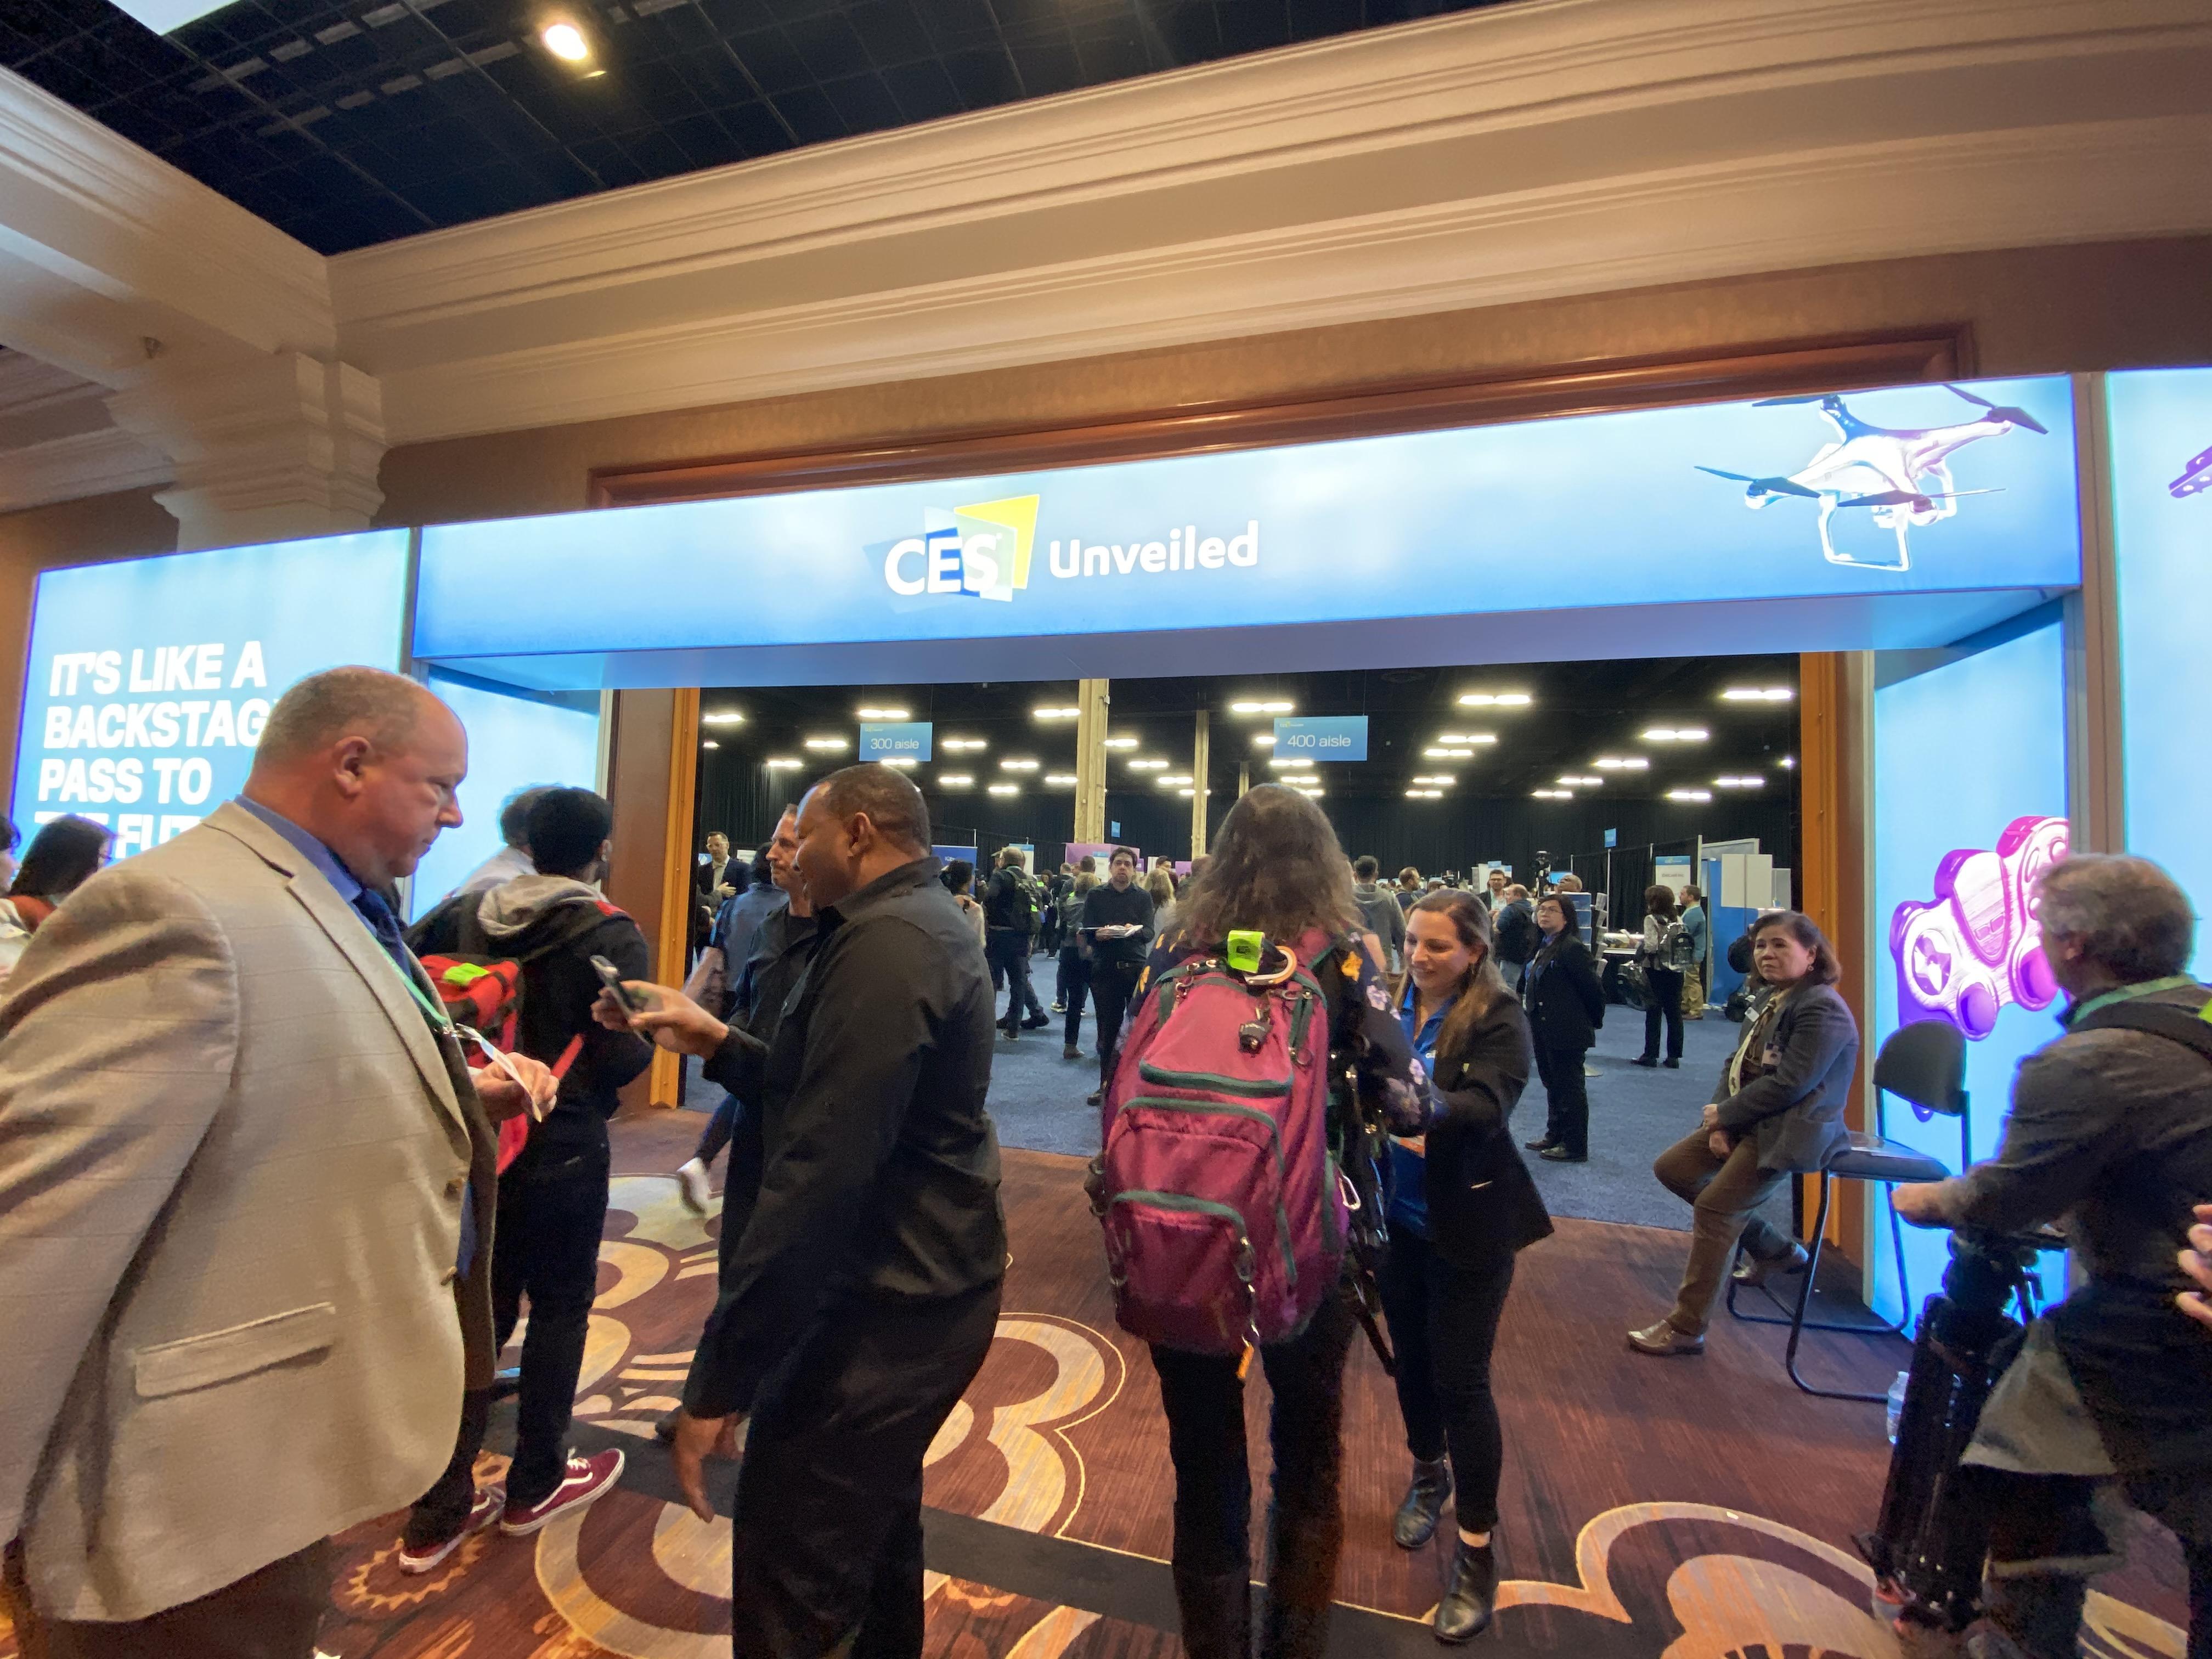 5일 미국 라스베이거스에서 열린 CES 2020 미디어데이 행사에서는 참가 제품들이 먼저 공개됐다. 올해 행사에는 160개국에서 17만 여 명이 참석해 문전성시를 이뤘다.